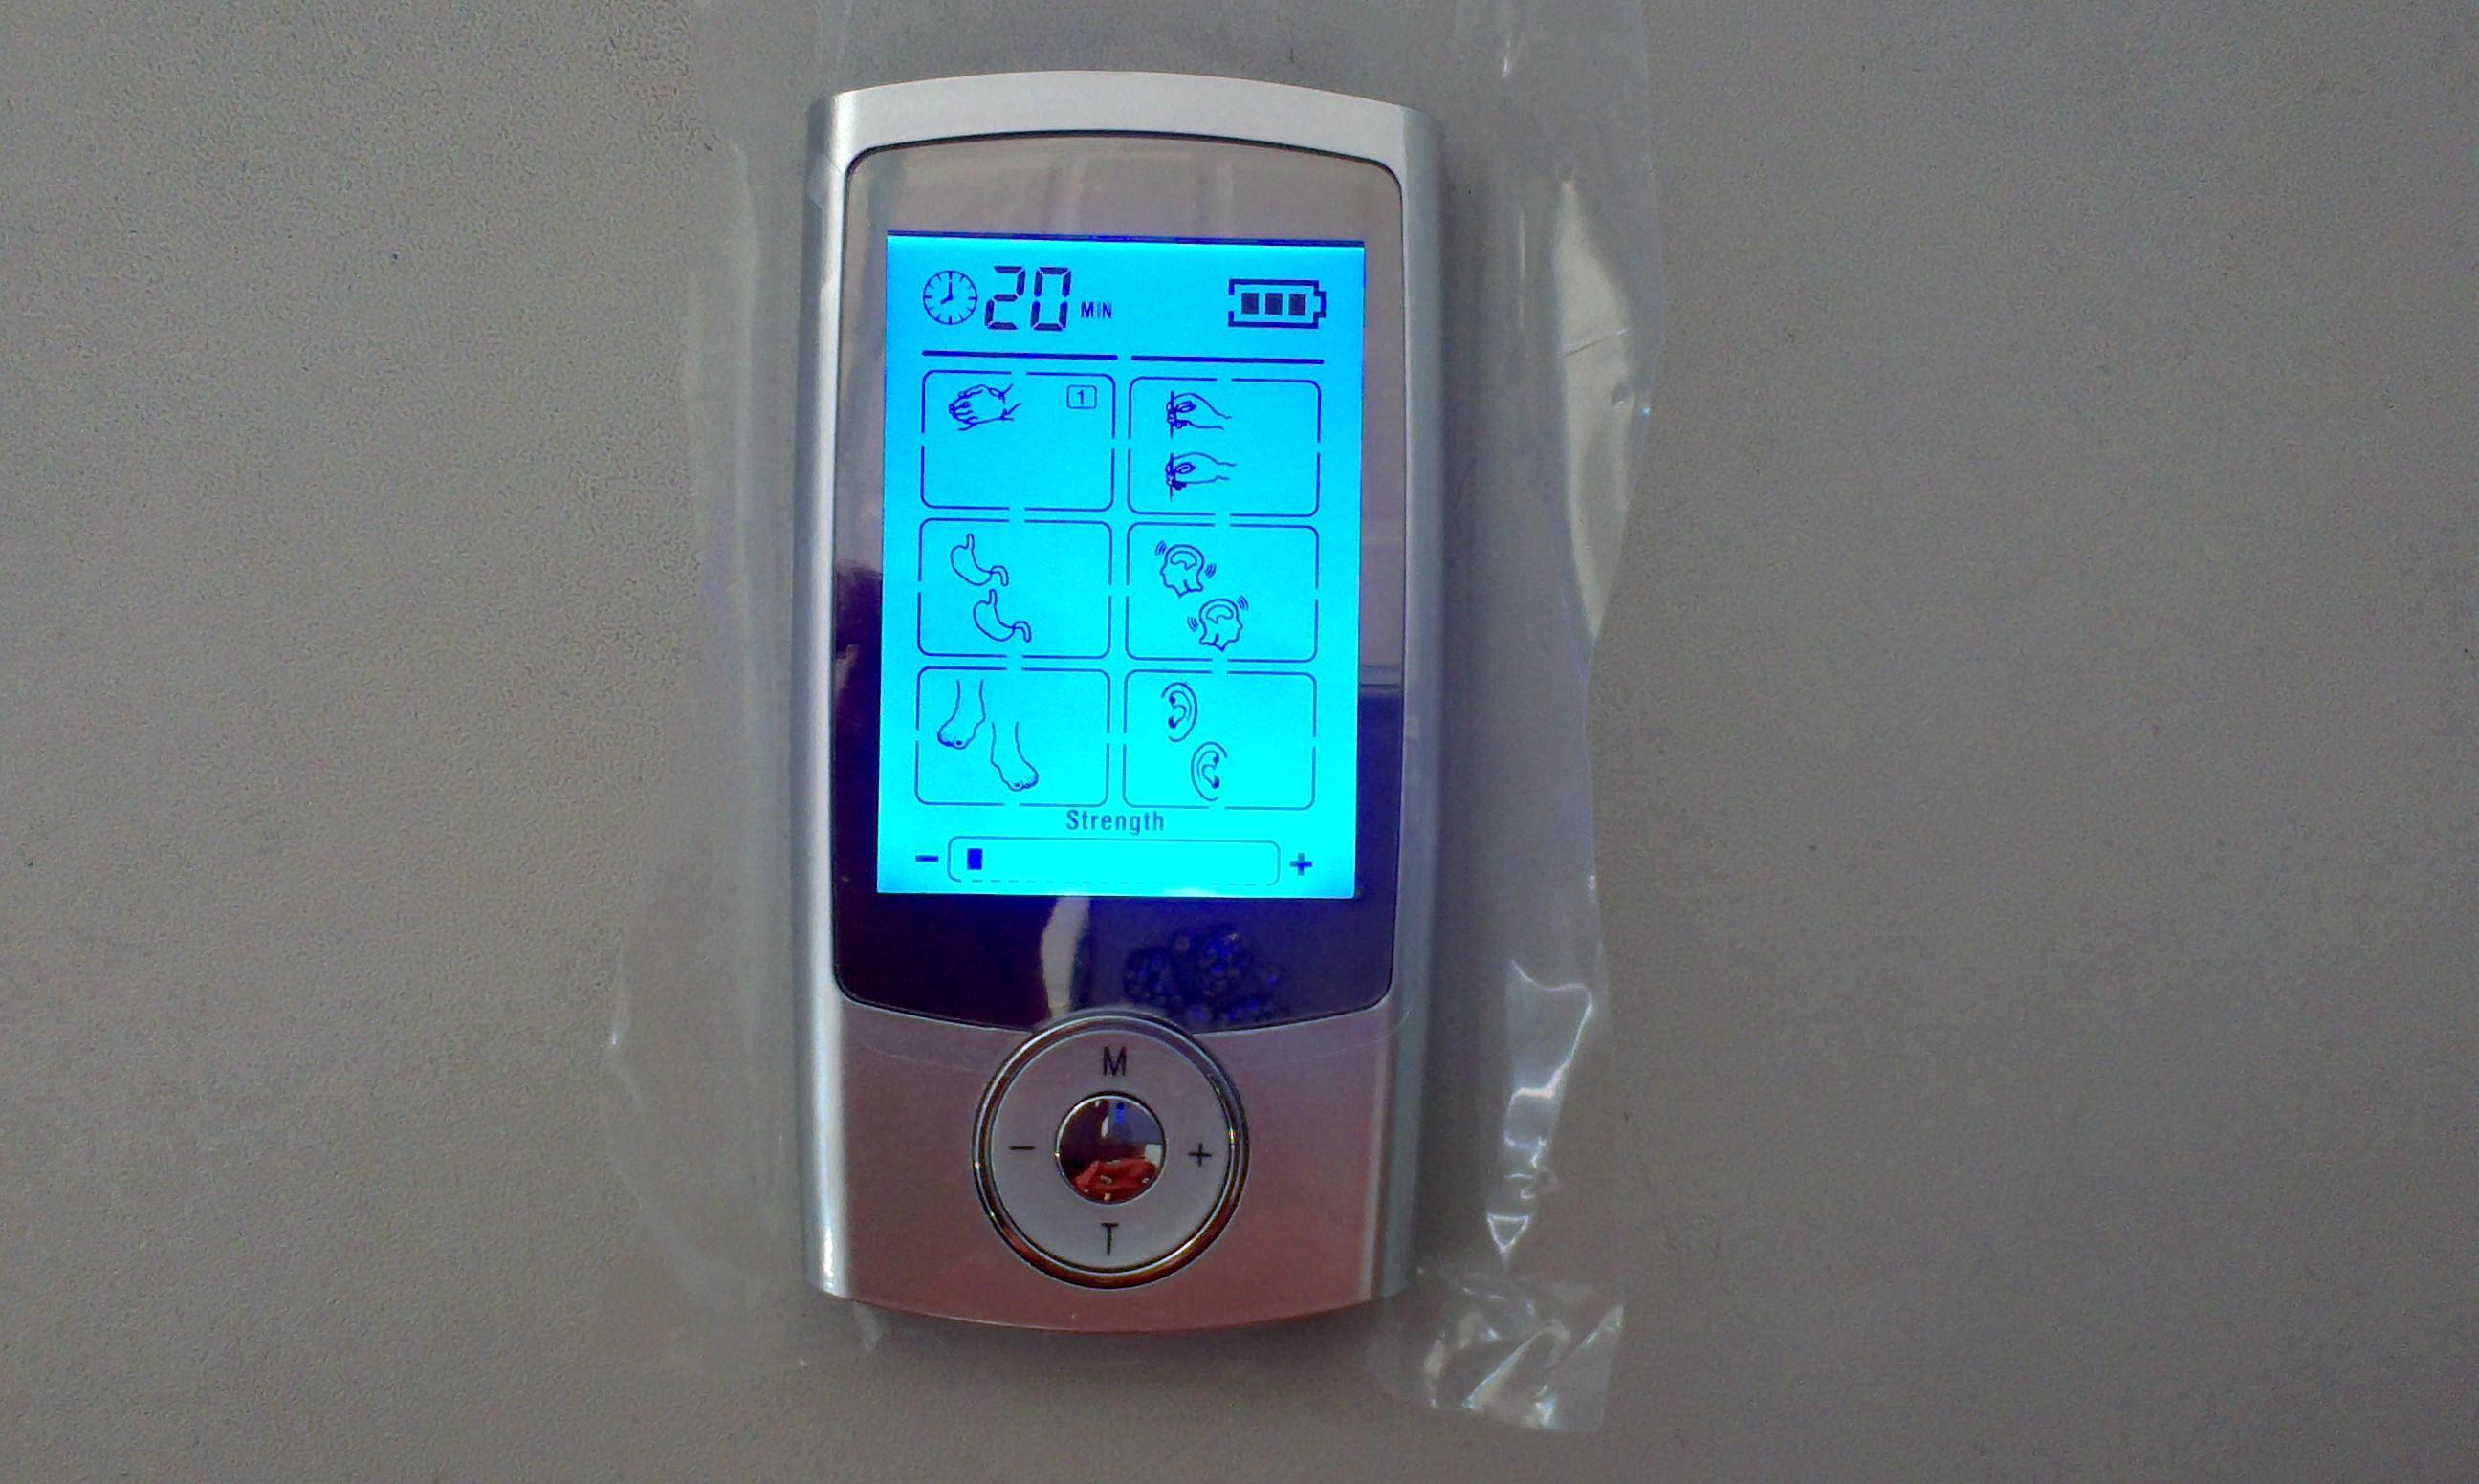 16 Modi TENS Einheit Digitale Elektronische Pulsmassager Therapie Muskel Ganzkörper Mini Akupunktur Magnetfeldtherapie Zehn Massage Silber Blau